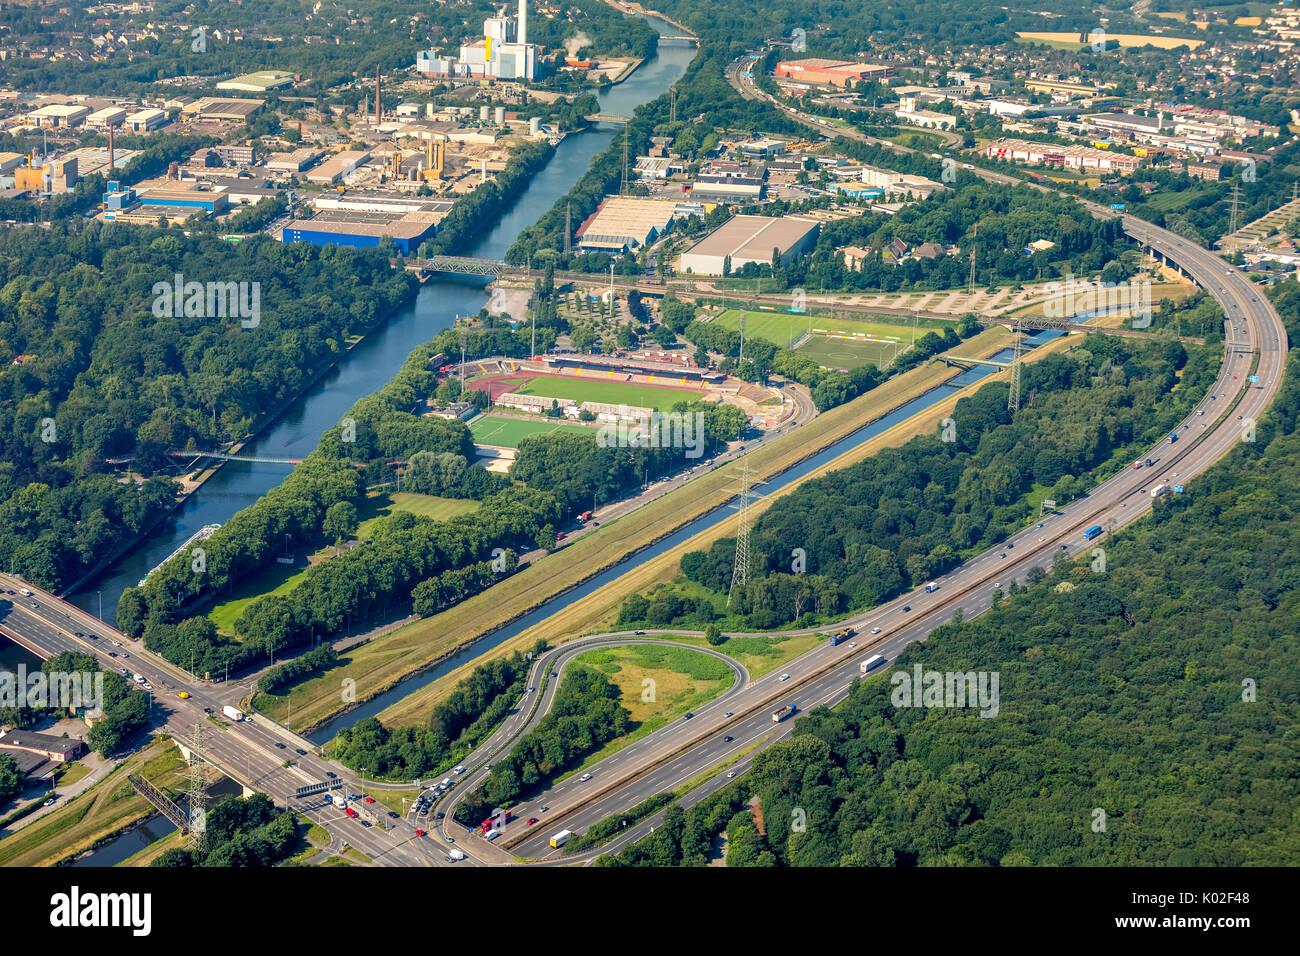 Stadion Niederrhein, neue Nordtribüne, Sport- und Freizeitanlage SSB, Emscherbereich nördlich des Stadiona,  Oberhausen, Ruhrgebiet, Nordrhein-Westfal - Stock Image